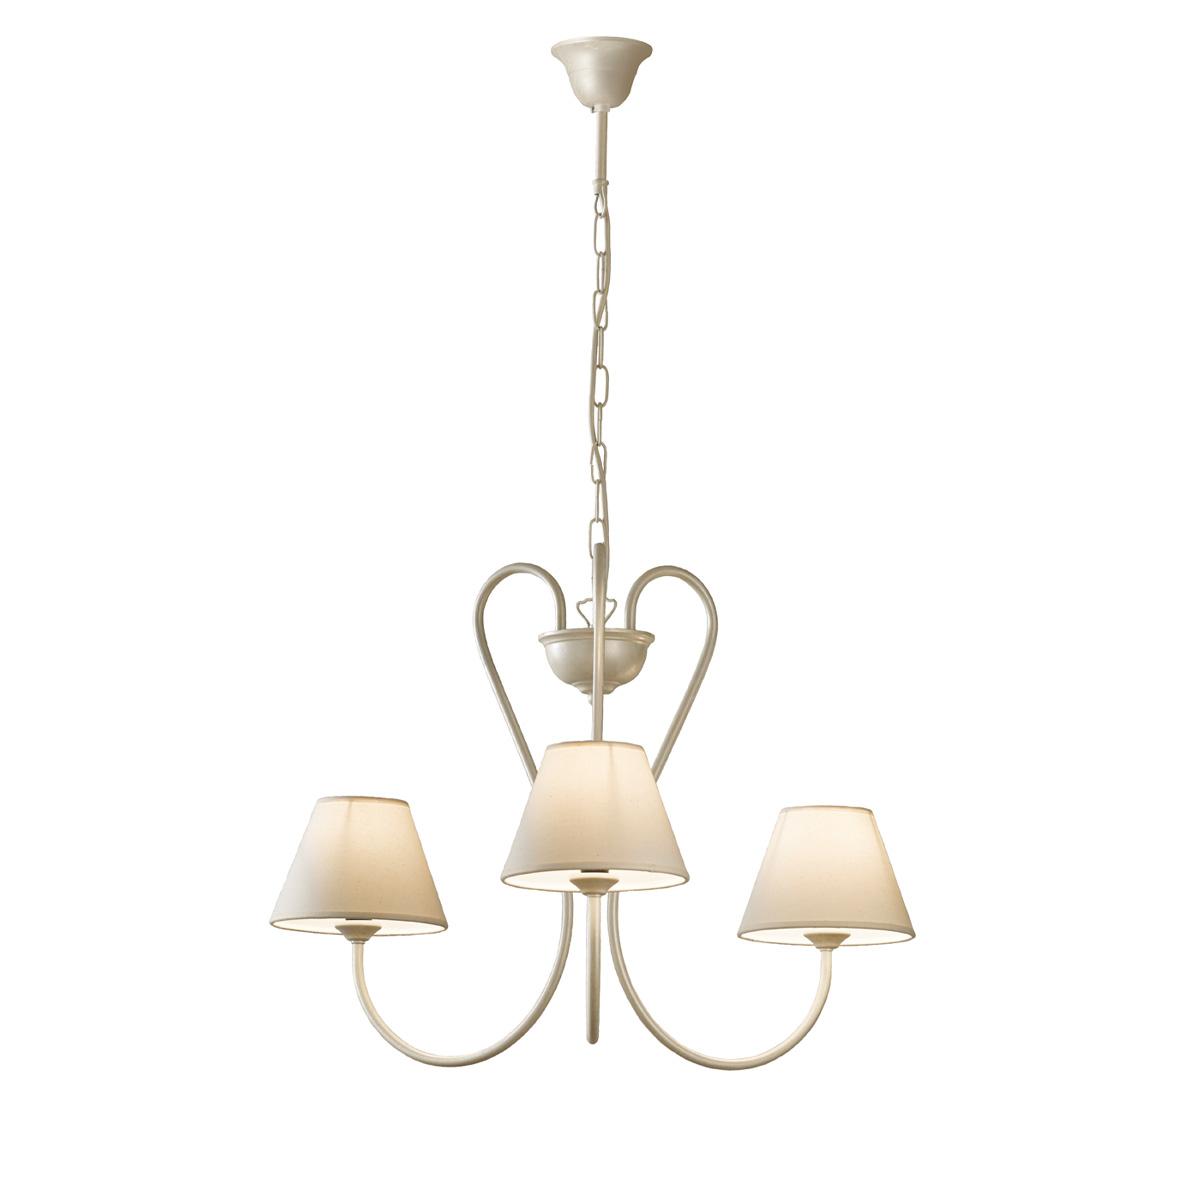 3φωτο ρουστίκ κρεμαστό φωτιστικό σε λευκή πατίνα ΝΑΞΟΣ-2 3-bulb white patinated rustic pendant lamp